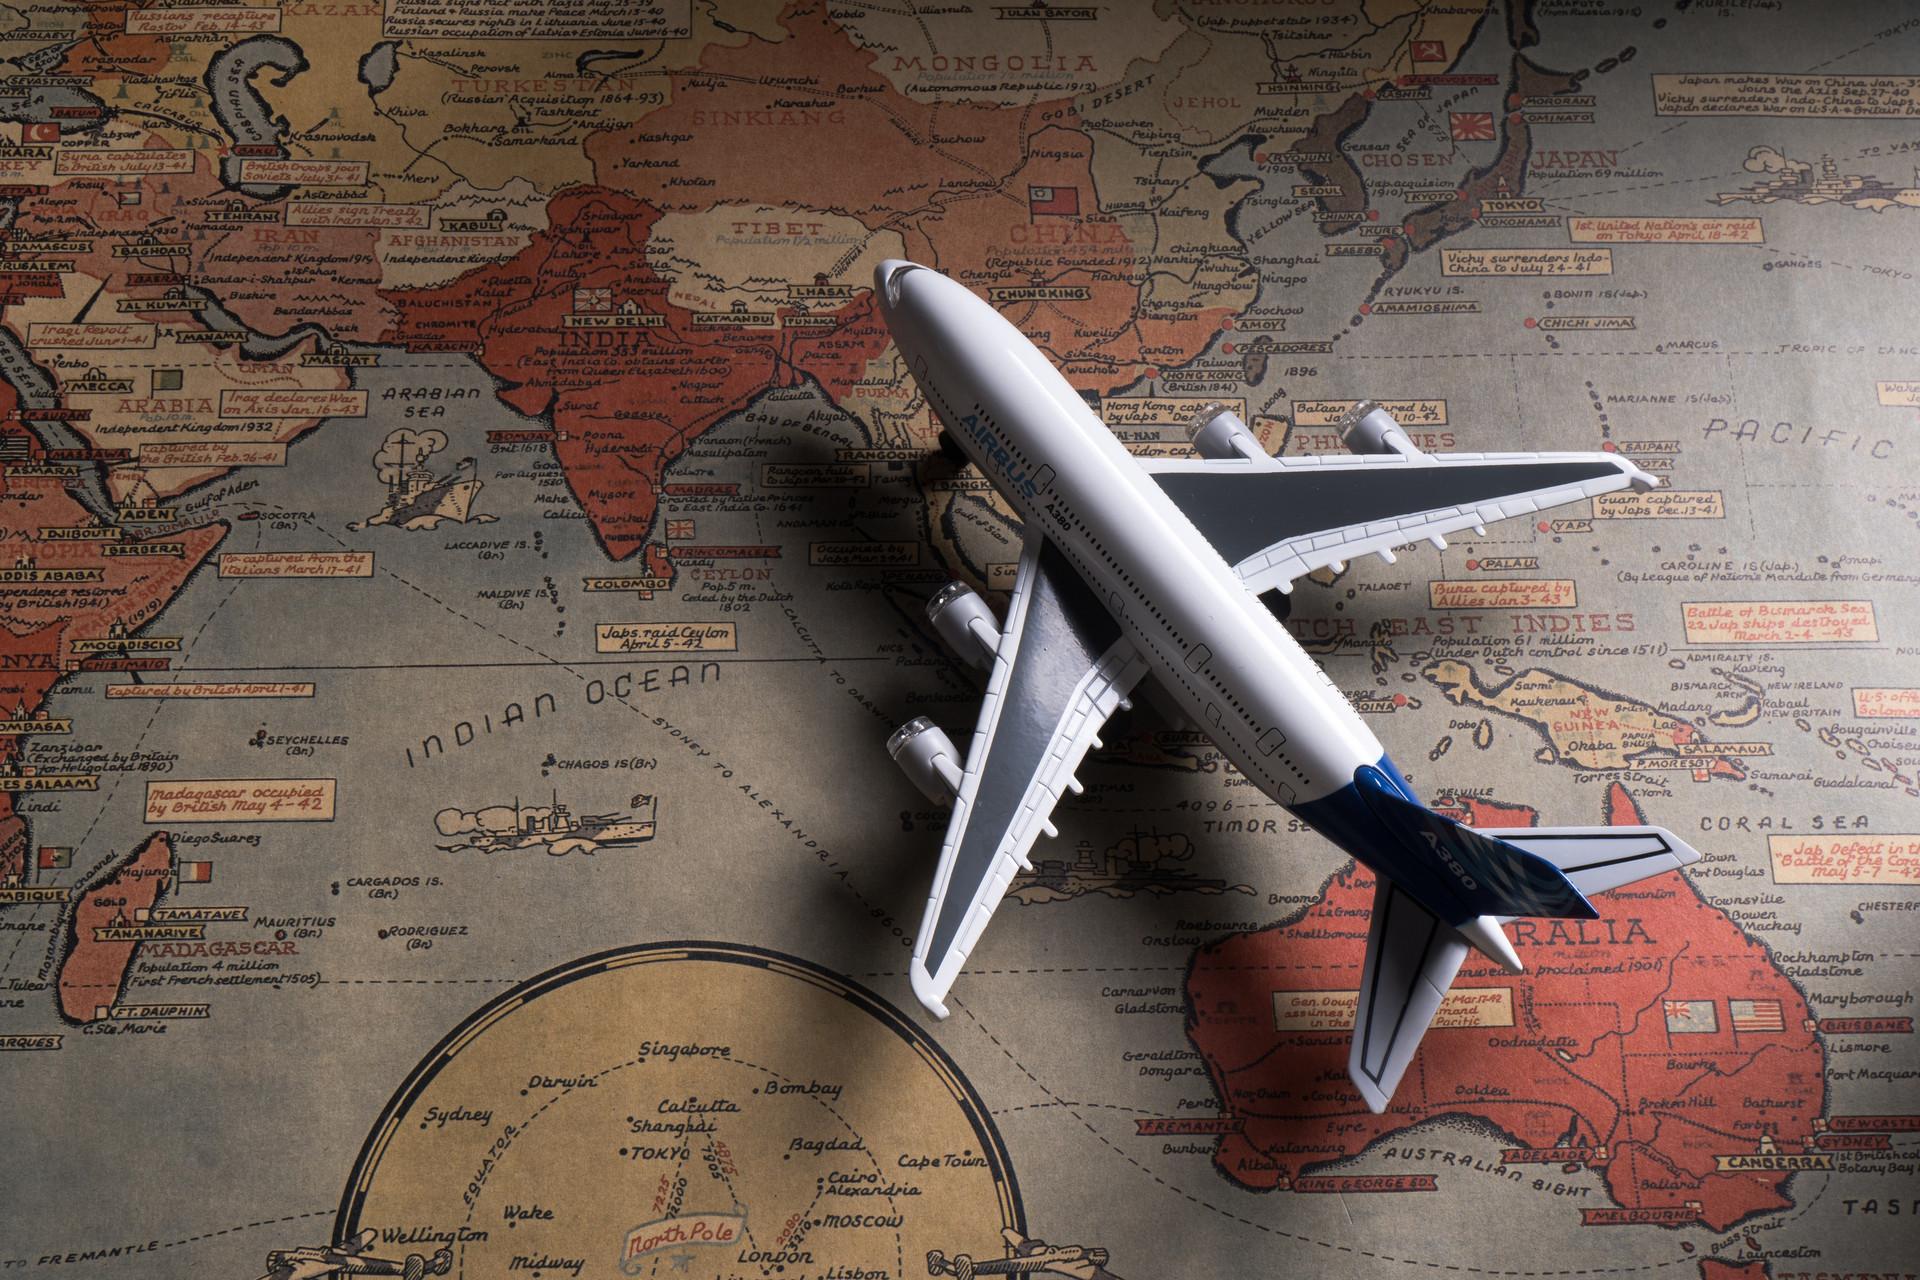 有哪些比较靠谱的留学预科招生院校推荐?